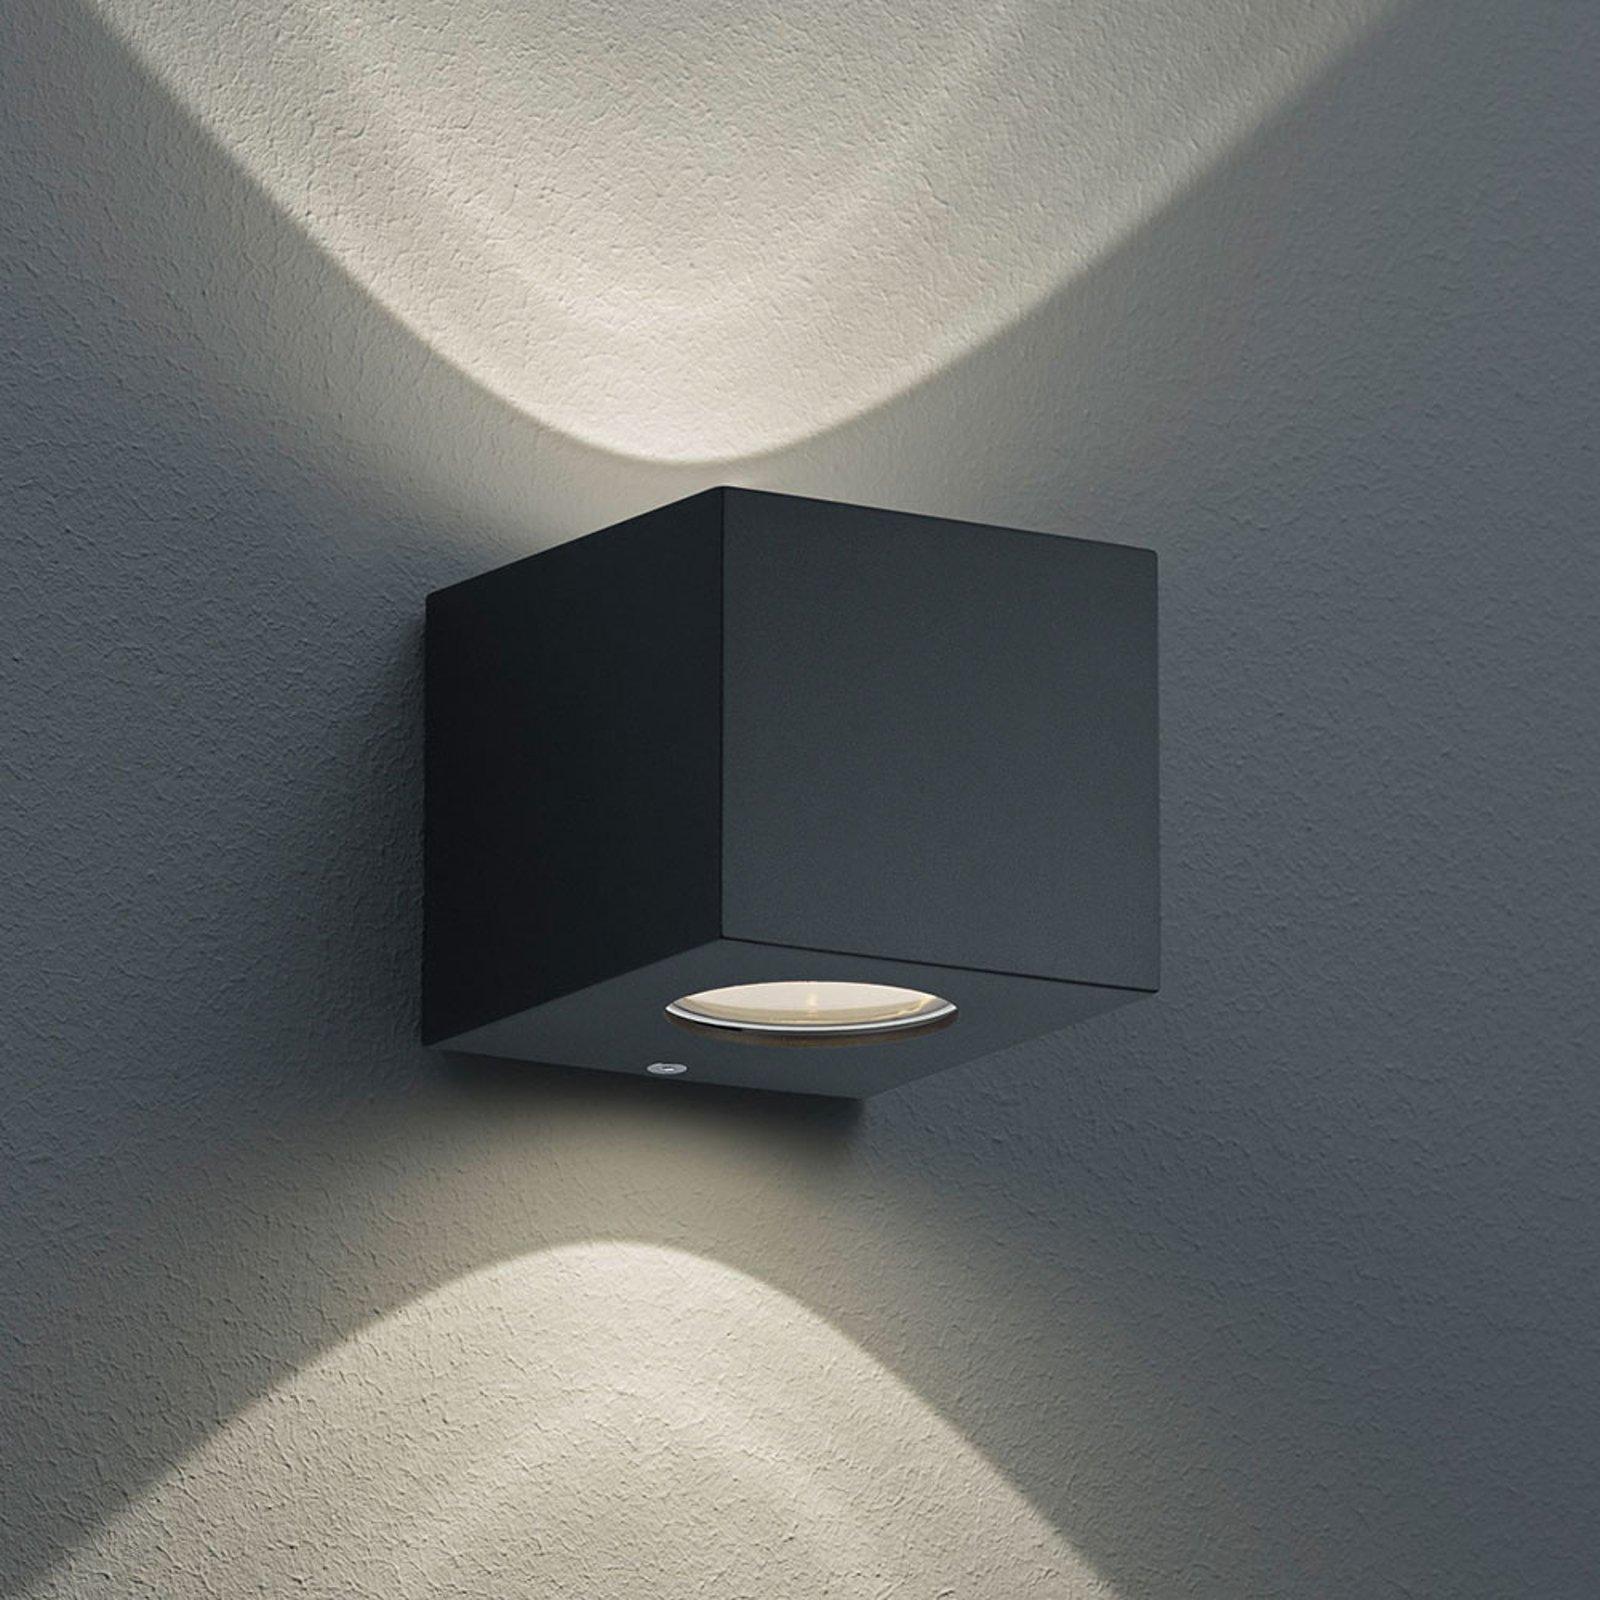 Firkantet, utendørs LED-vegglampe Cordoba, svart